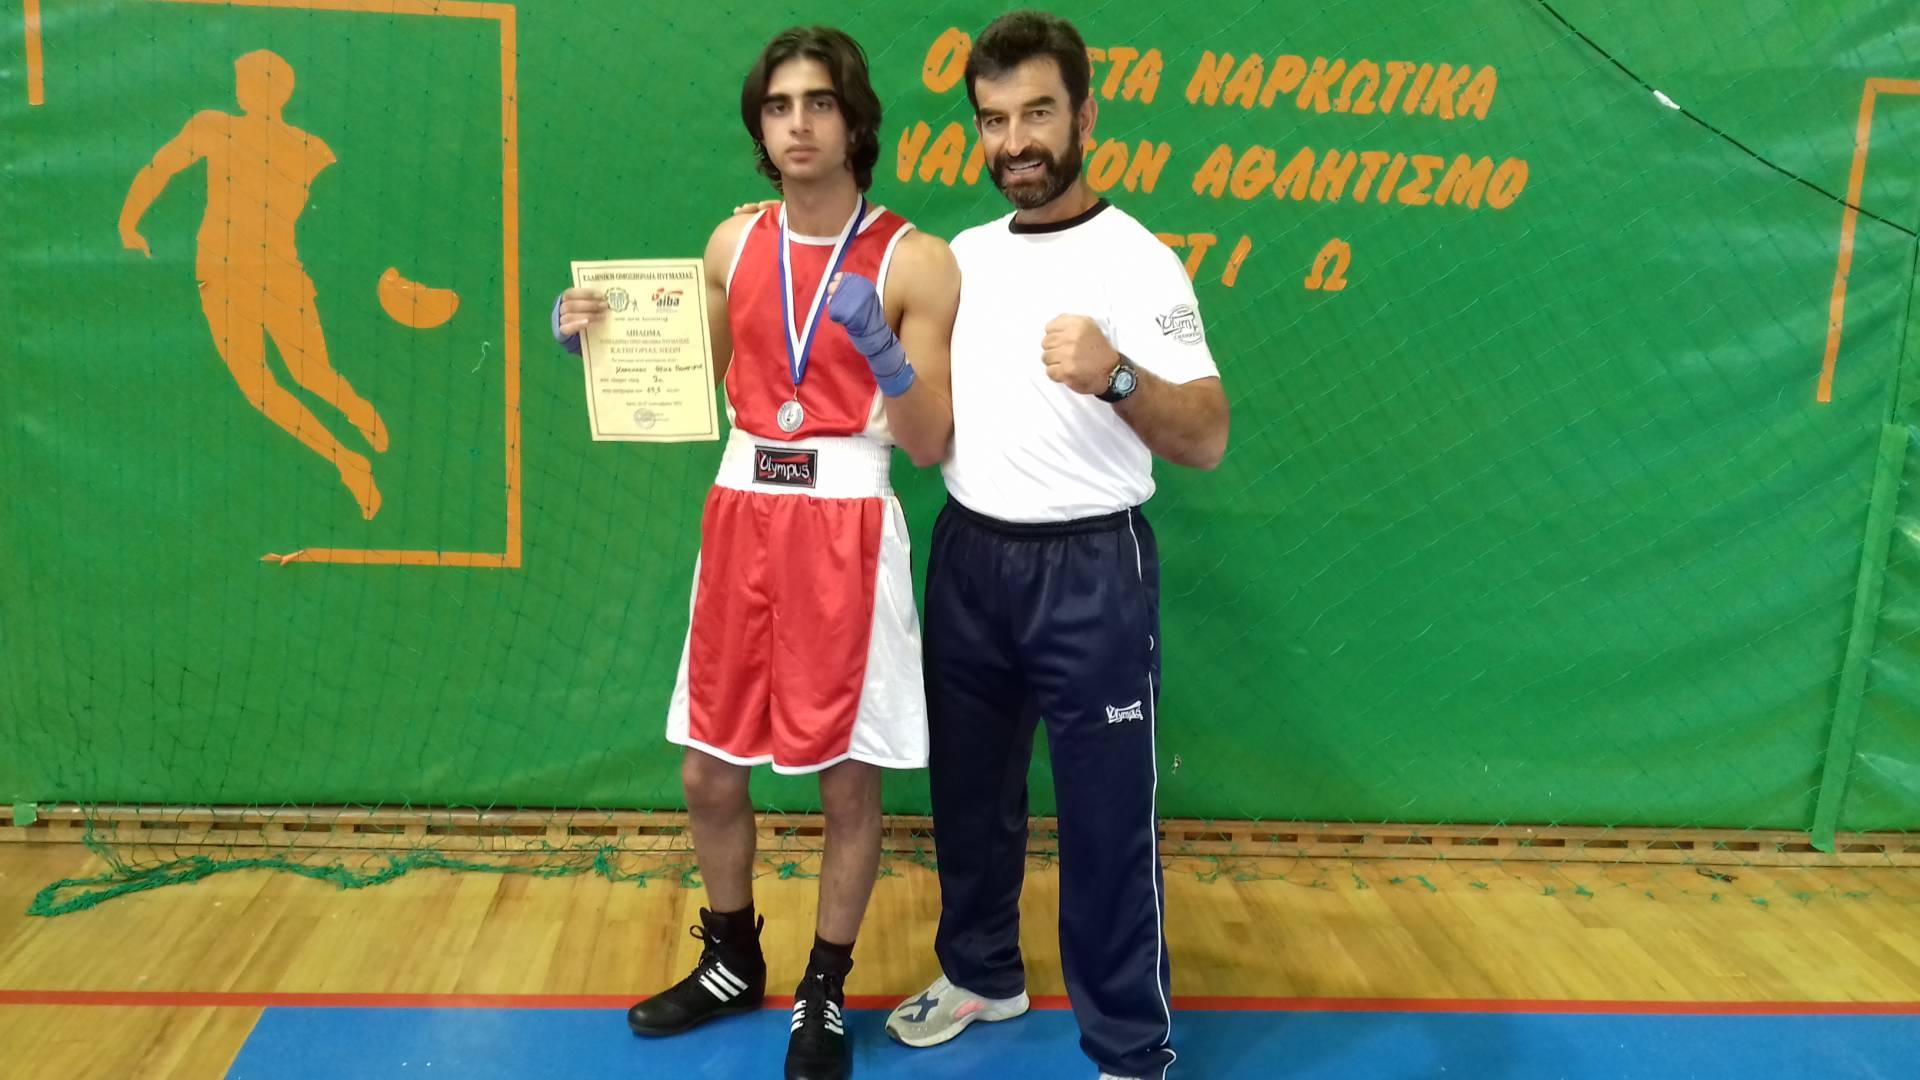 Ένας ακόμη αθλητής του Tsepidis Boxing Club κατέκτησε Πανελλήνιο μετάλλιο!